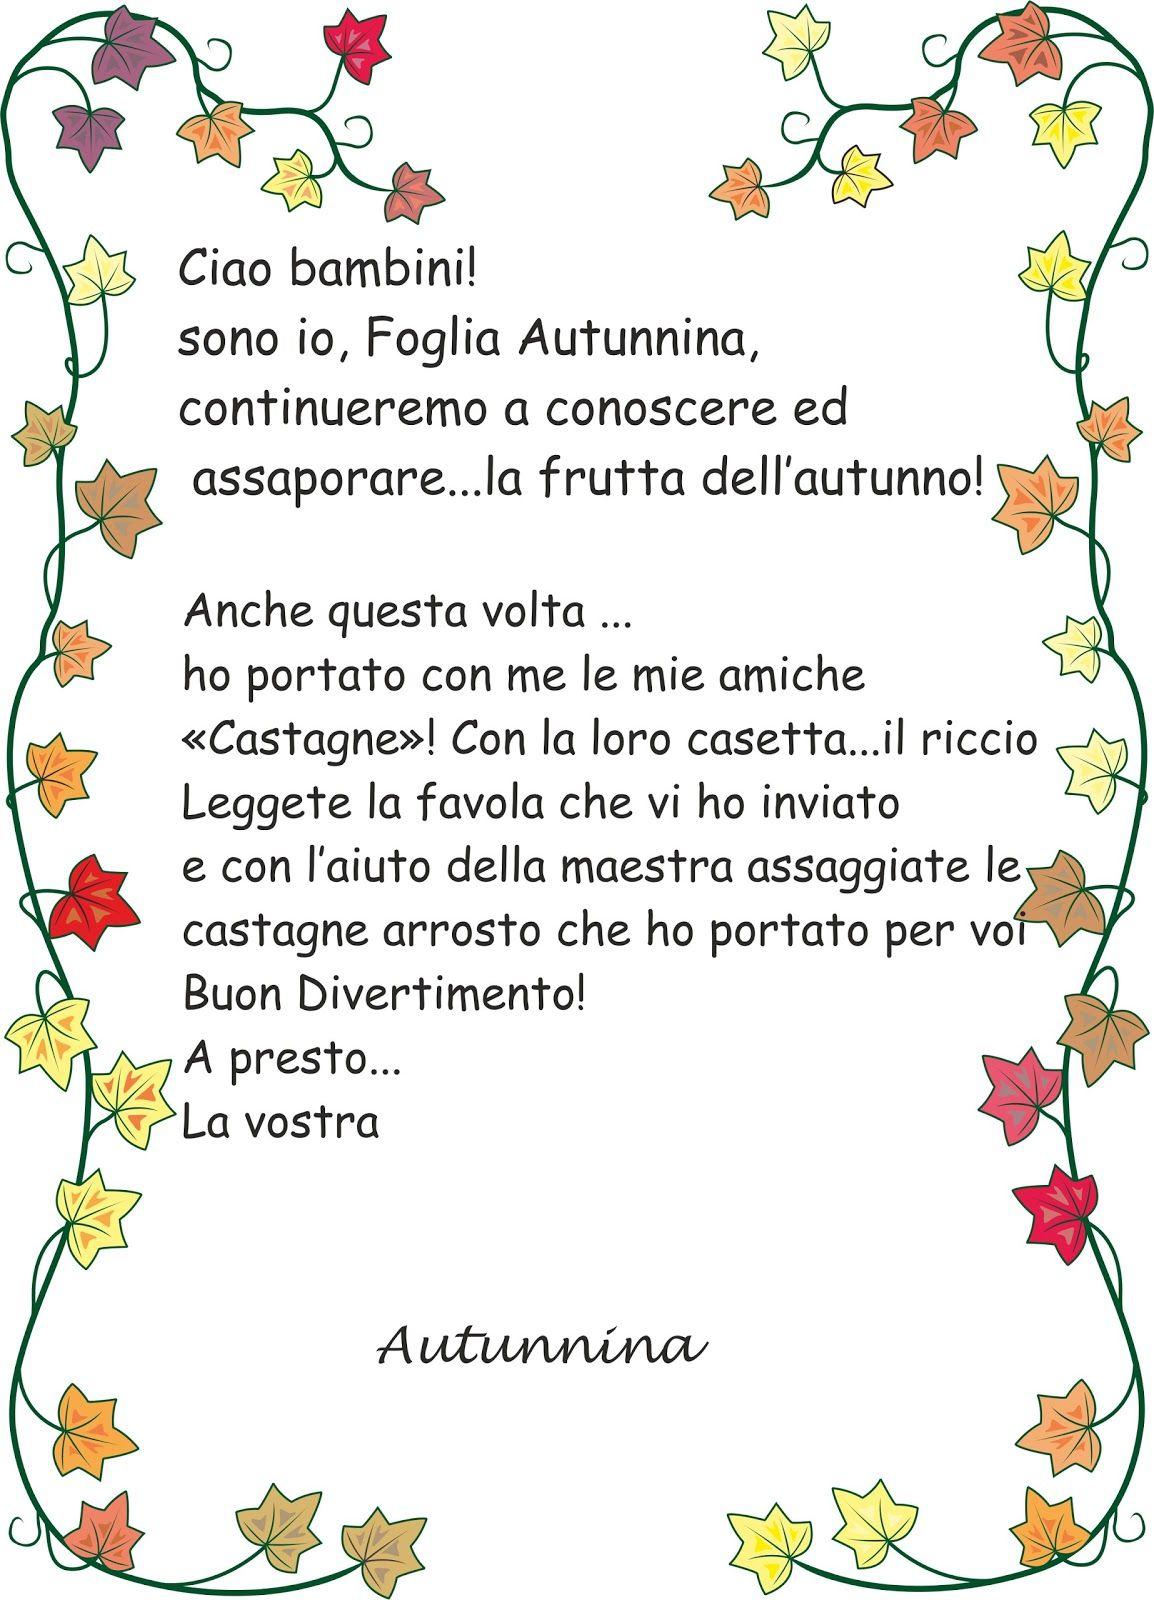 Estremamente A Scuola con Poldo: Autunno | outono/autumn | Pinterest CV56